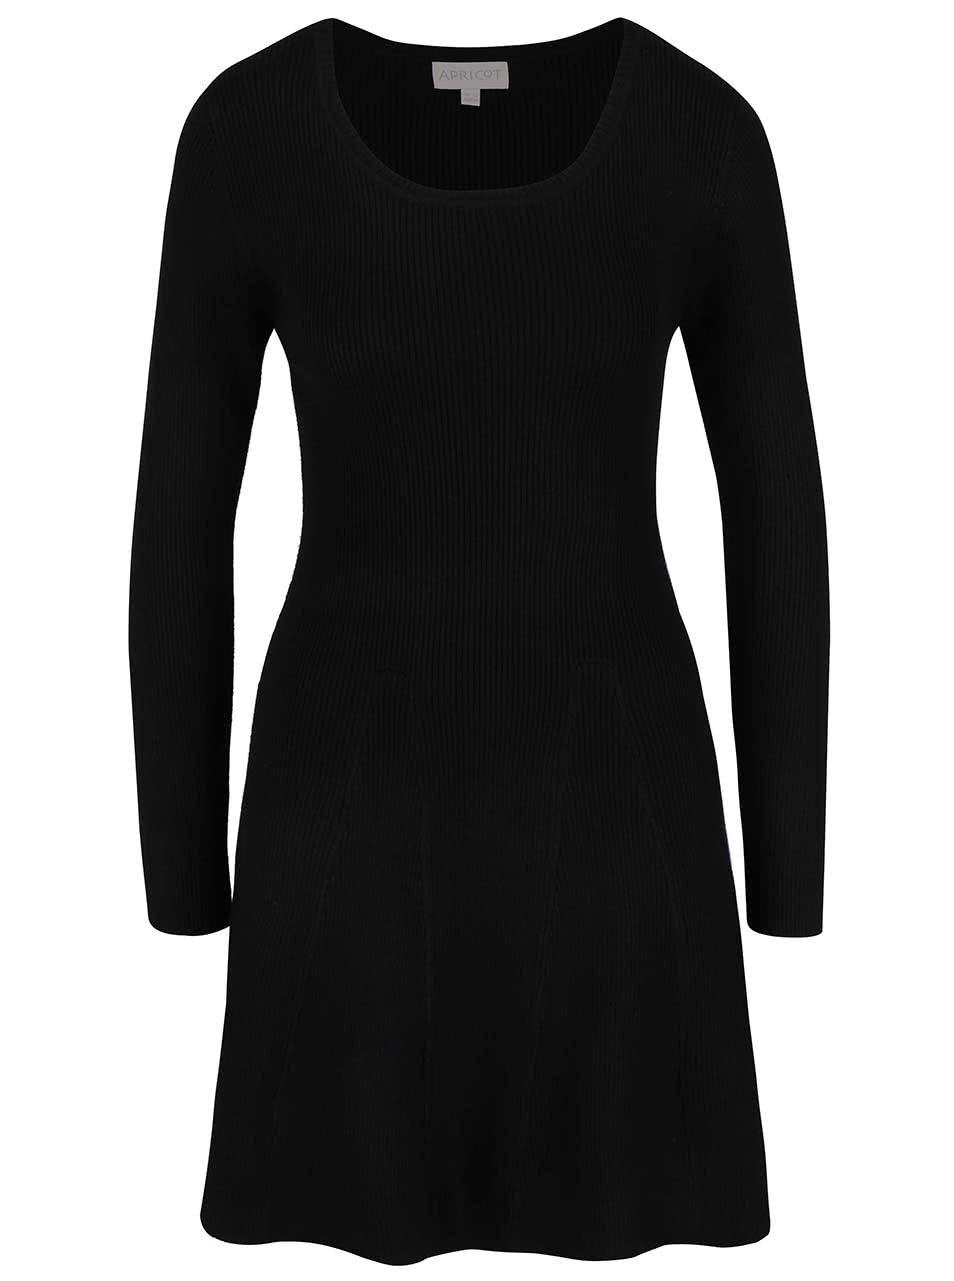 Čierne úpletové šaty s dlhým rukávom Apricot ... 49ee9b31c7e